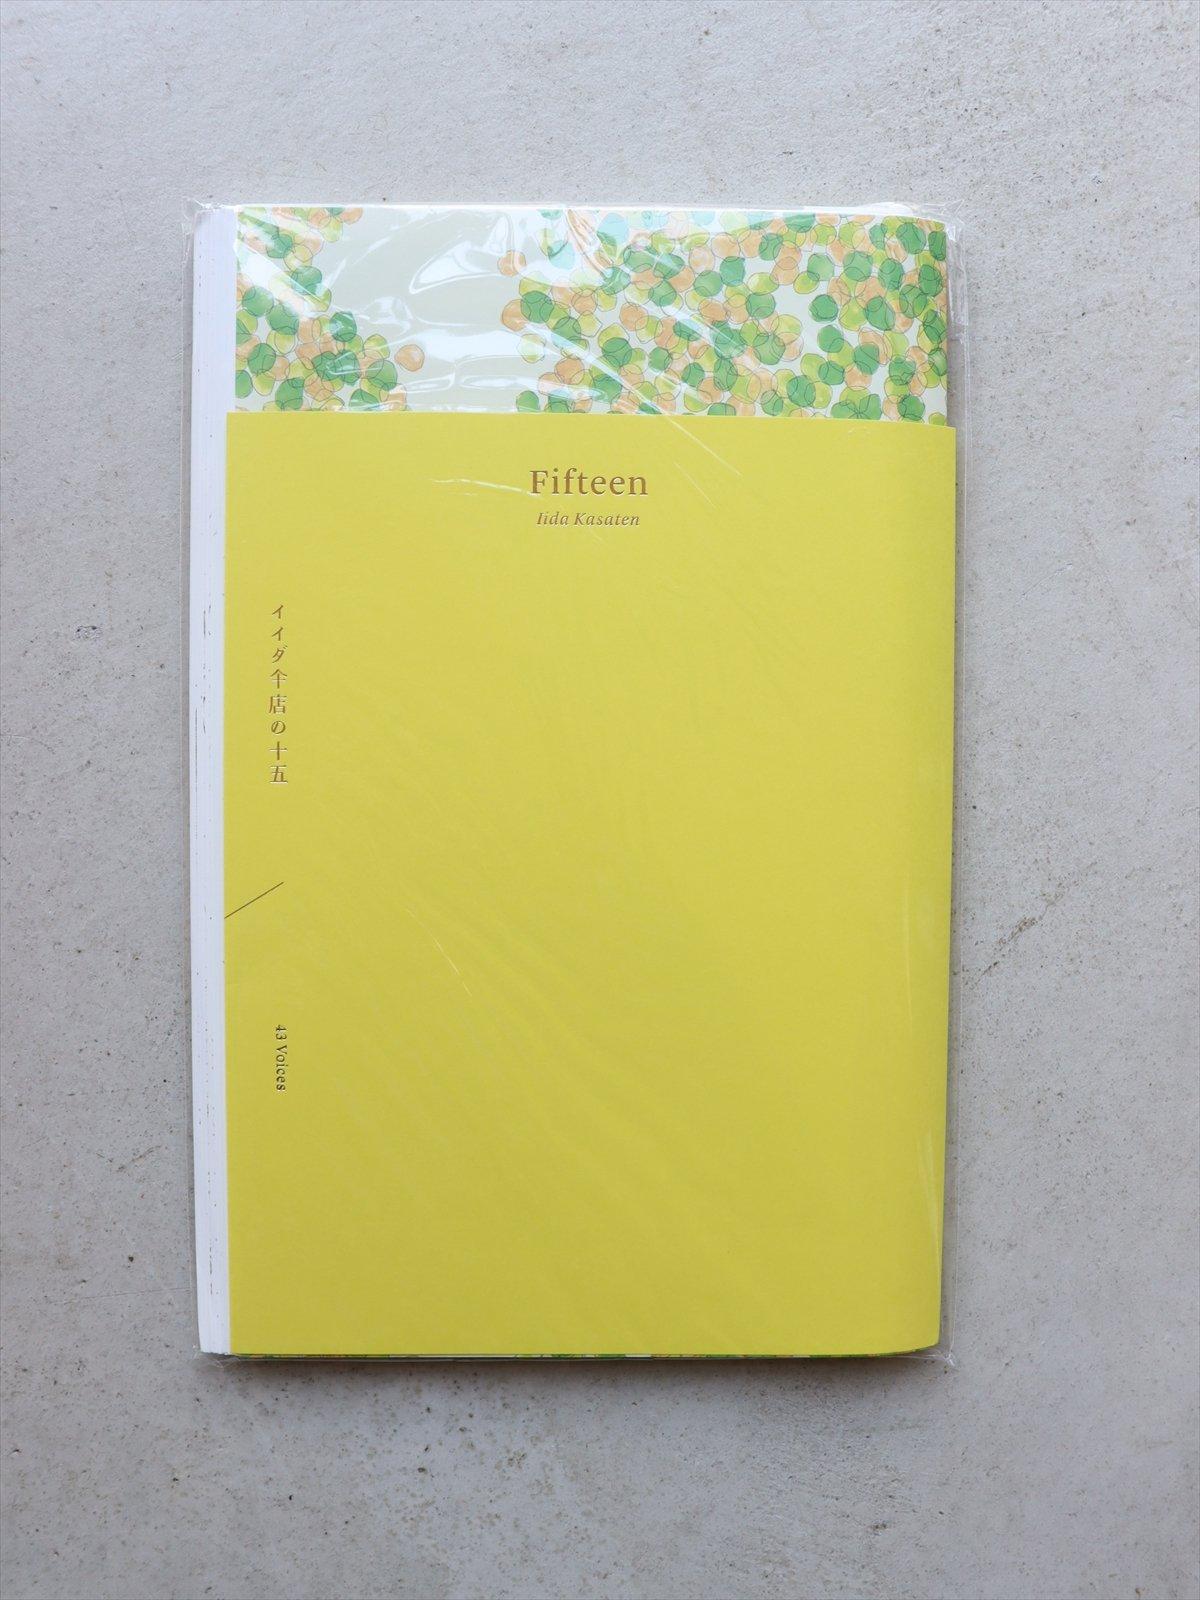 イイダ傘店 記念冊子 Fifteen イイダ傘店の十五 43Voices